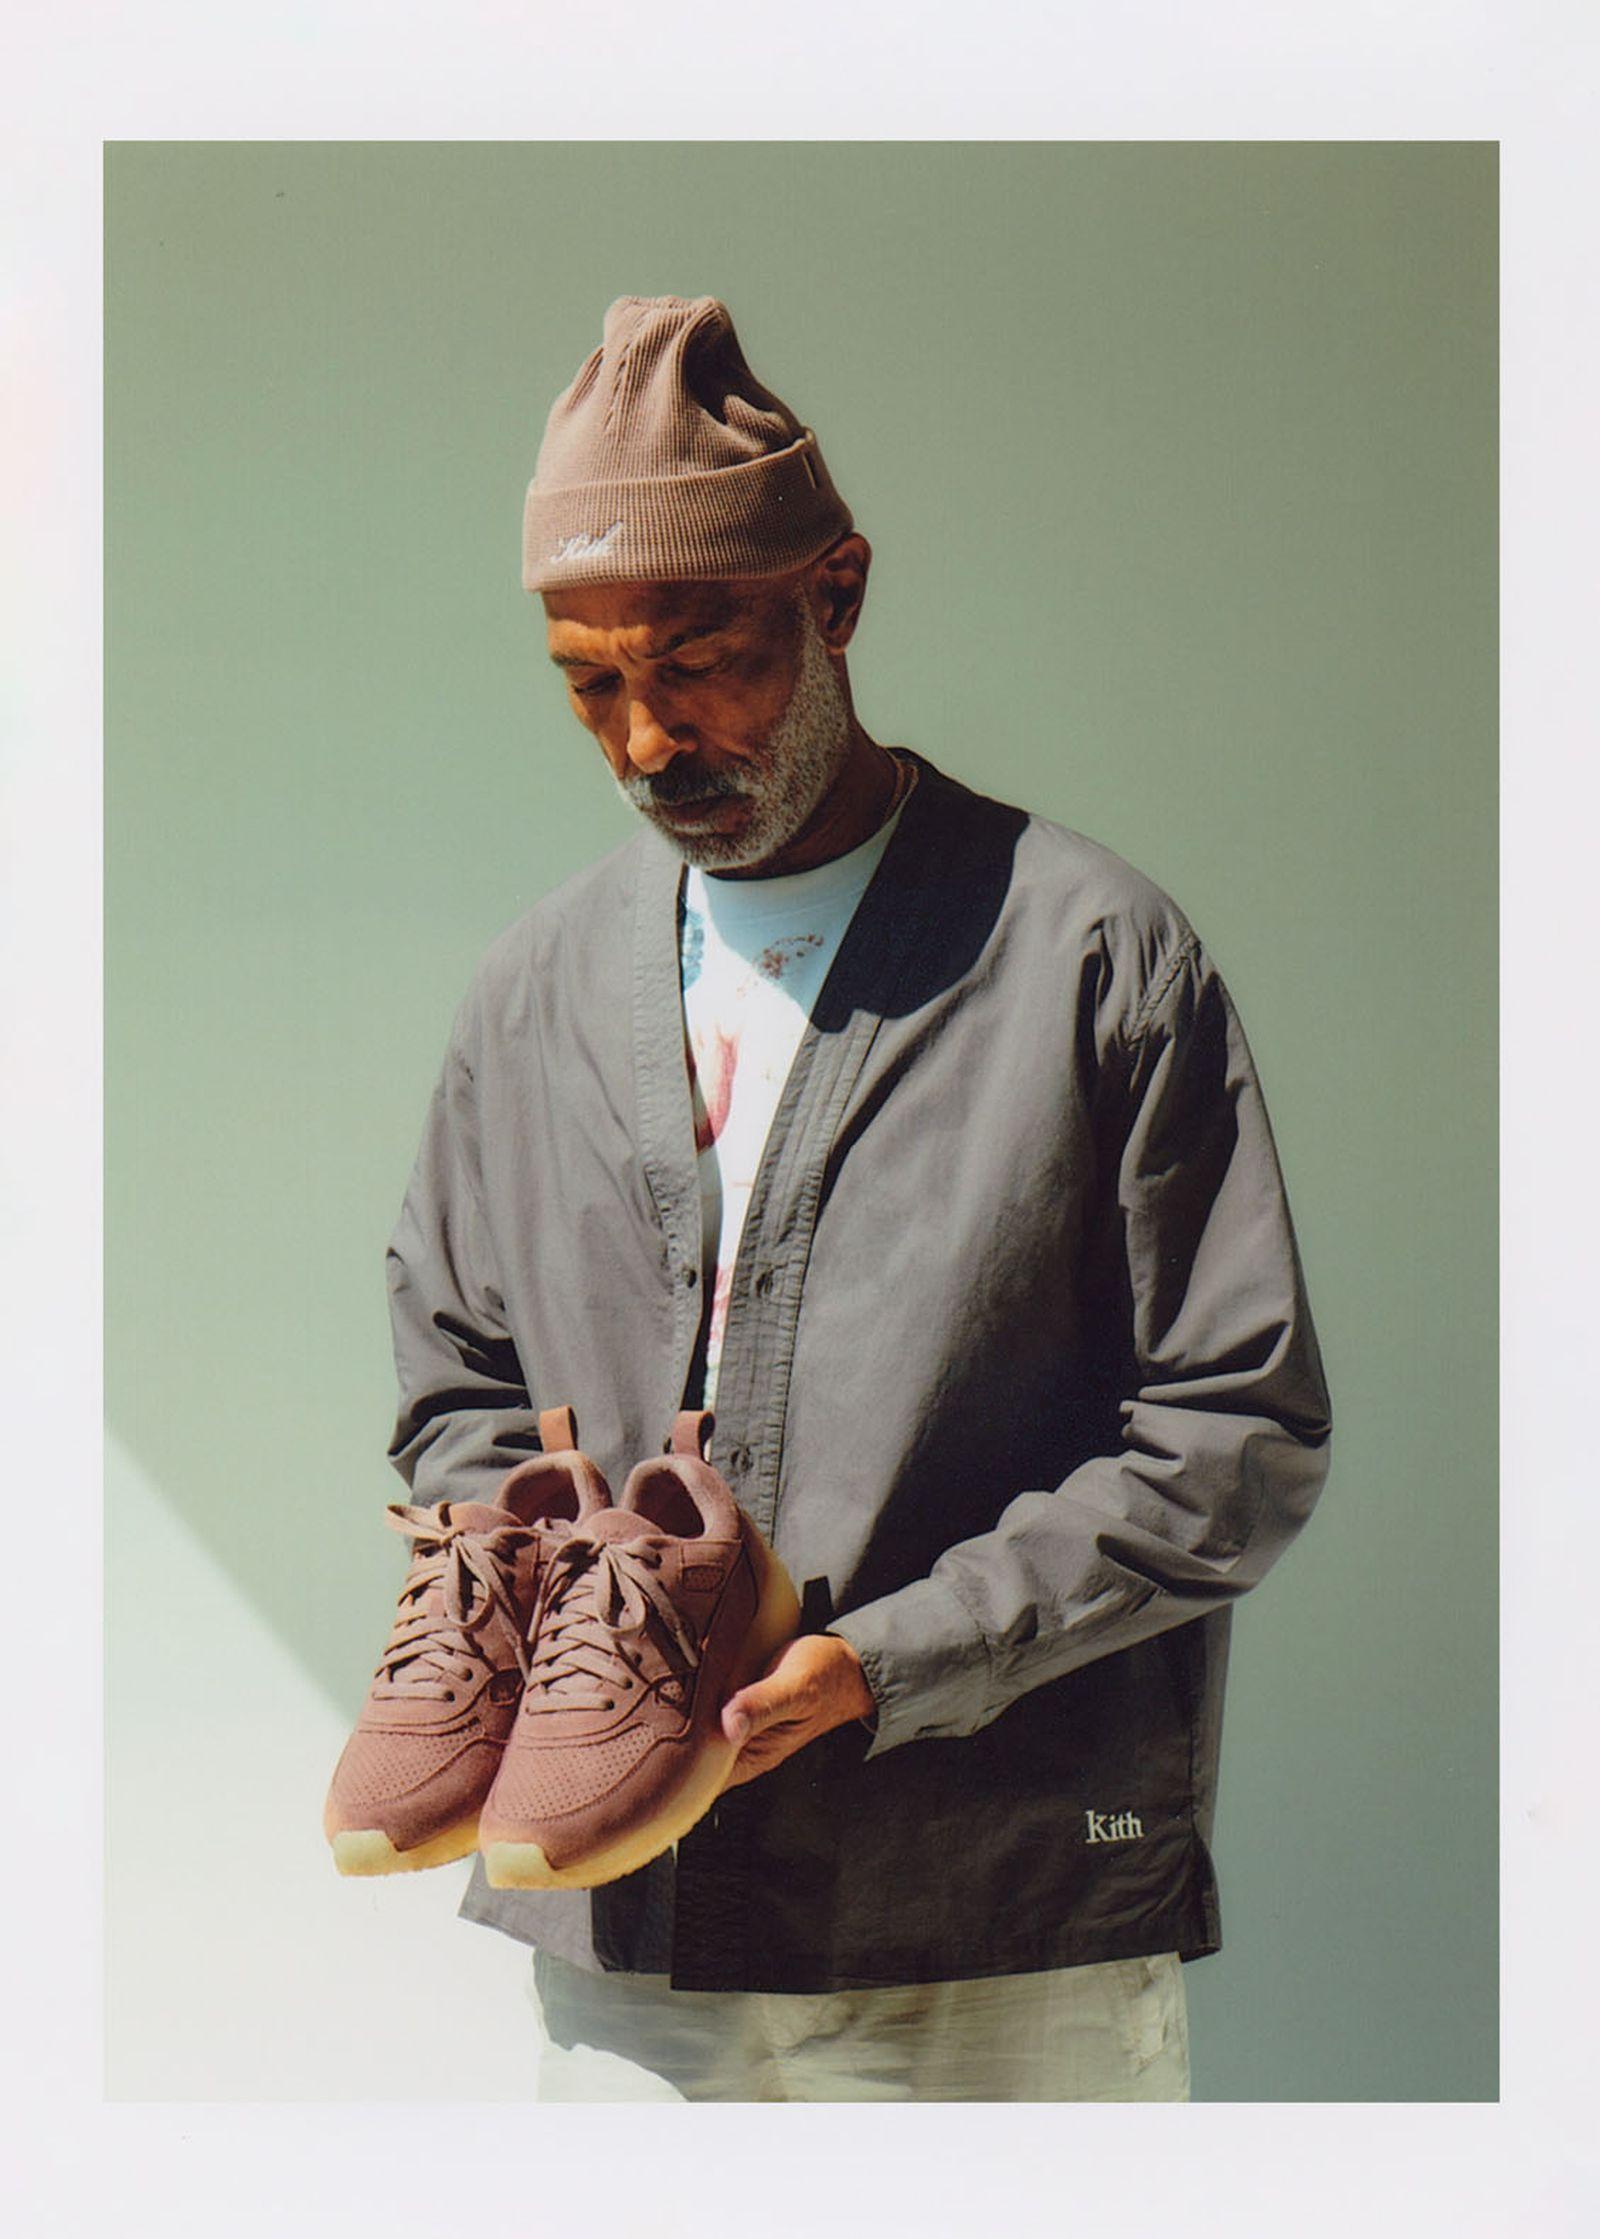 ronnie-fieg-clarks-originals-8th-street-lookbook-07